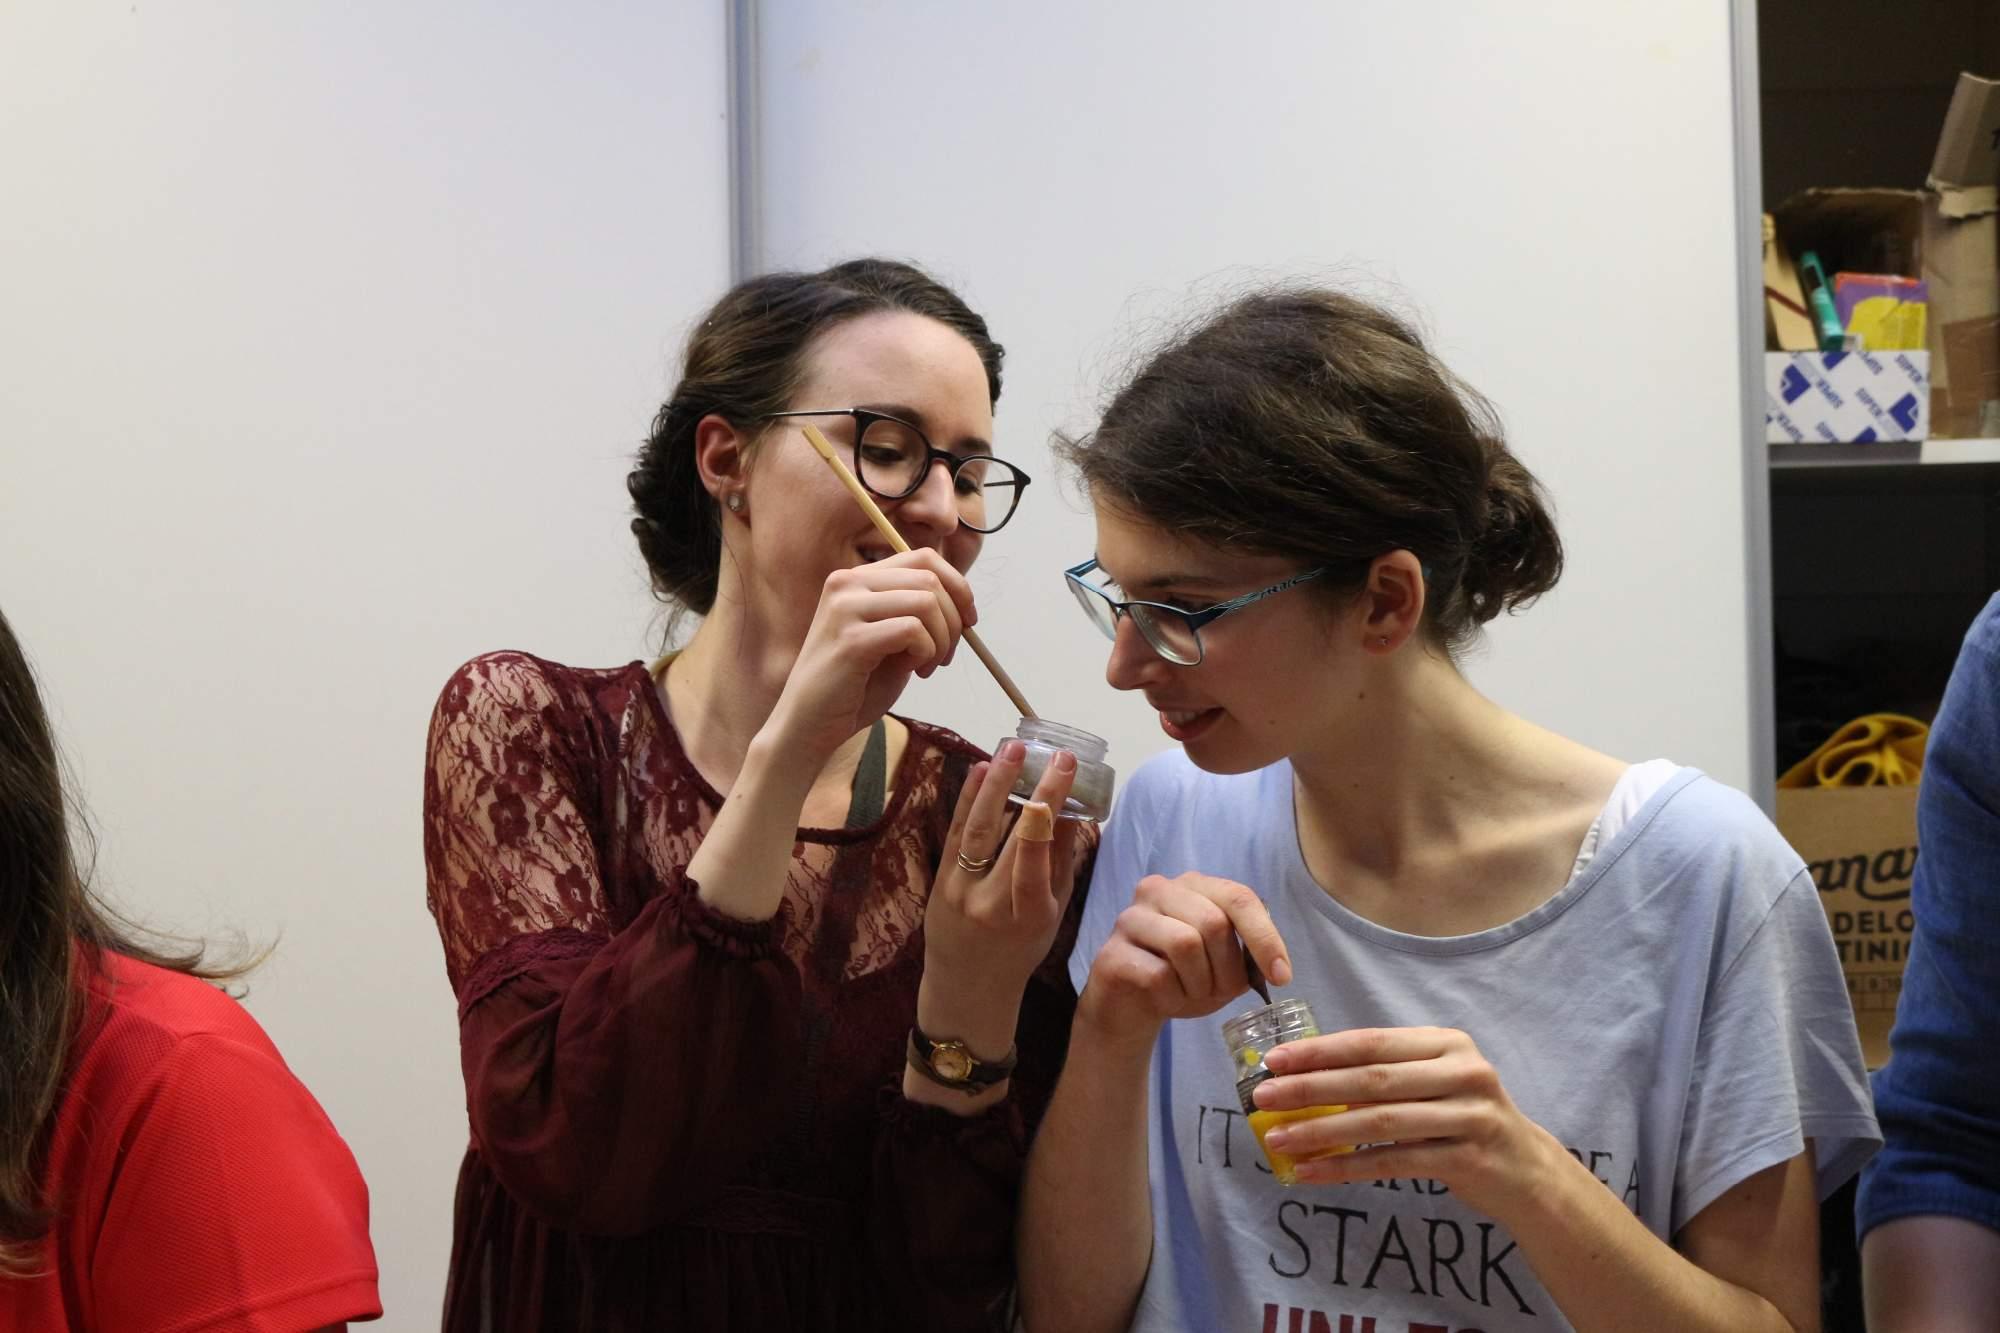 Prvá skupina vyrobila zubnú pastu. Tá sa vyrába z dvoch lyžíc kokosového oleja, jedlej sódy, xylitolu, čo je kryštalický brezový cukor. Foto: Simona Gálová